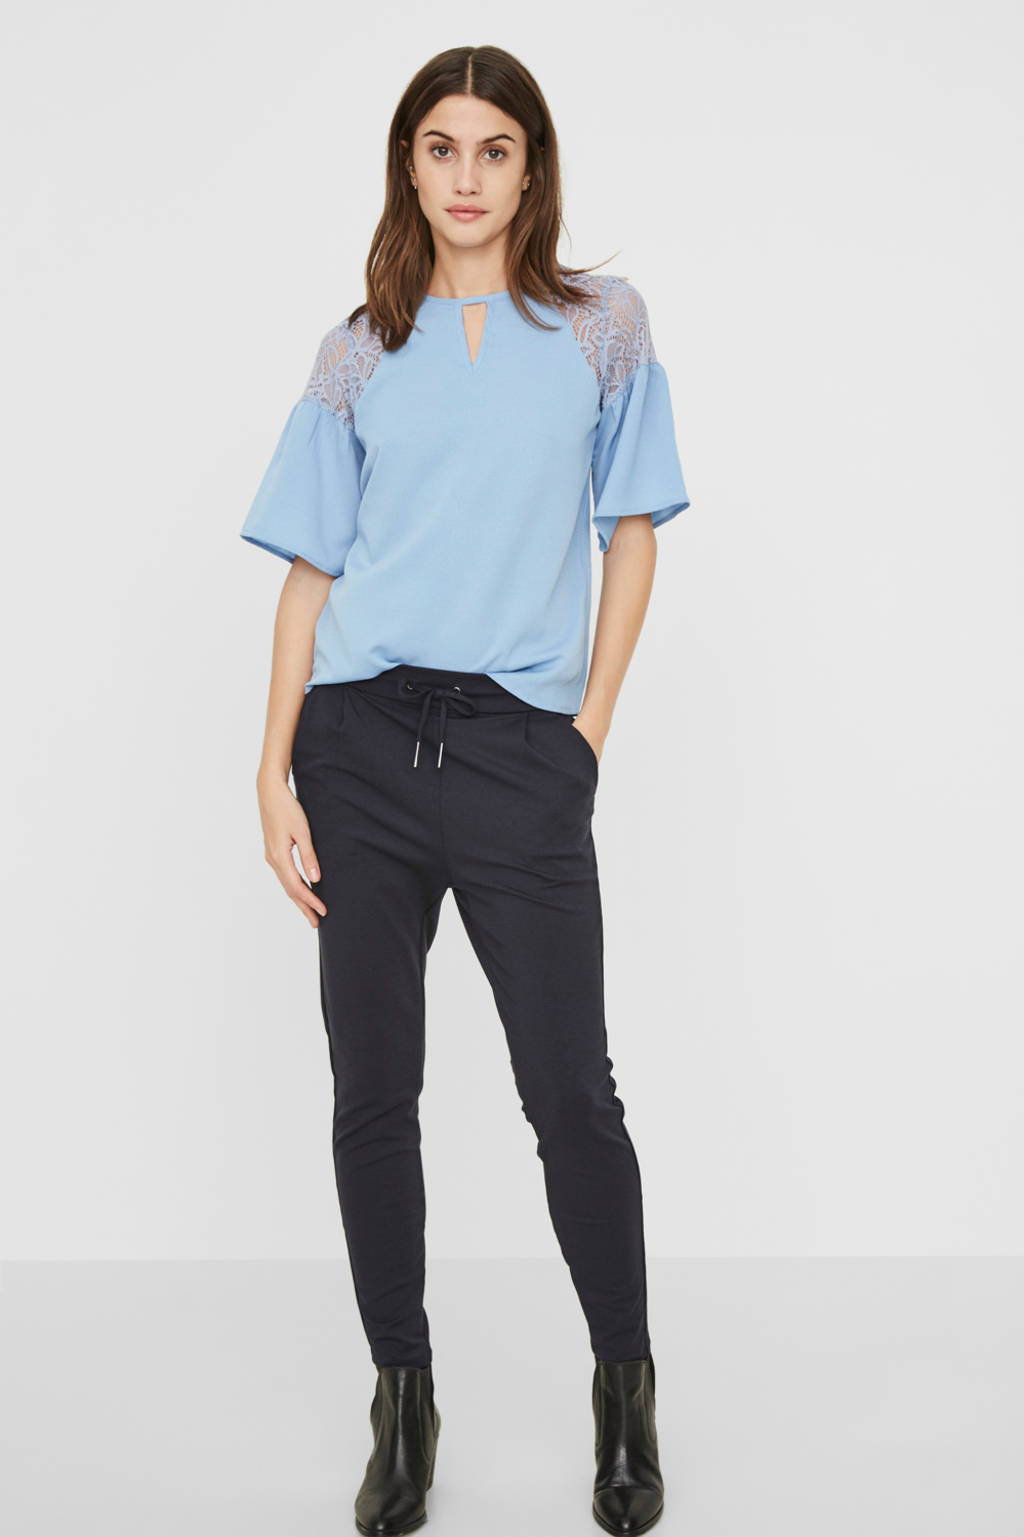 VERO MODA high waist tapered fit broek Eva donkerblauw, Donkerblauw